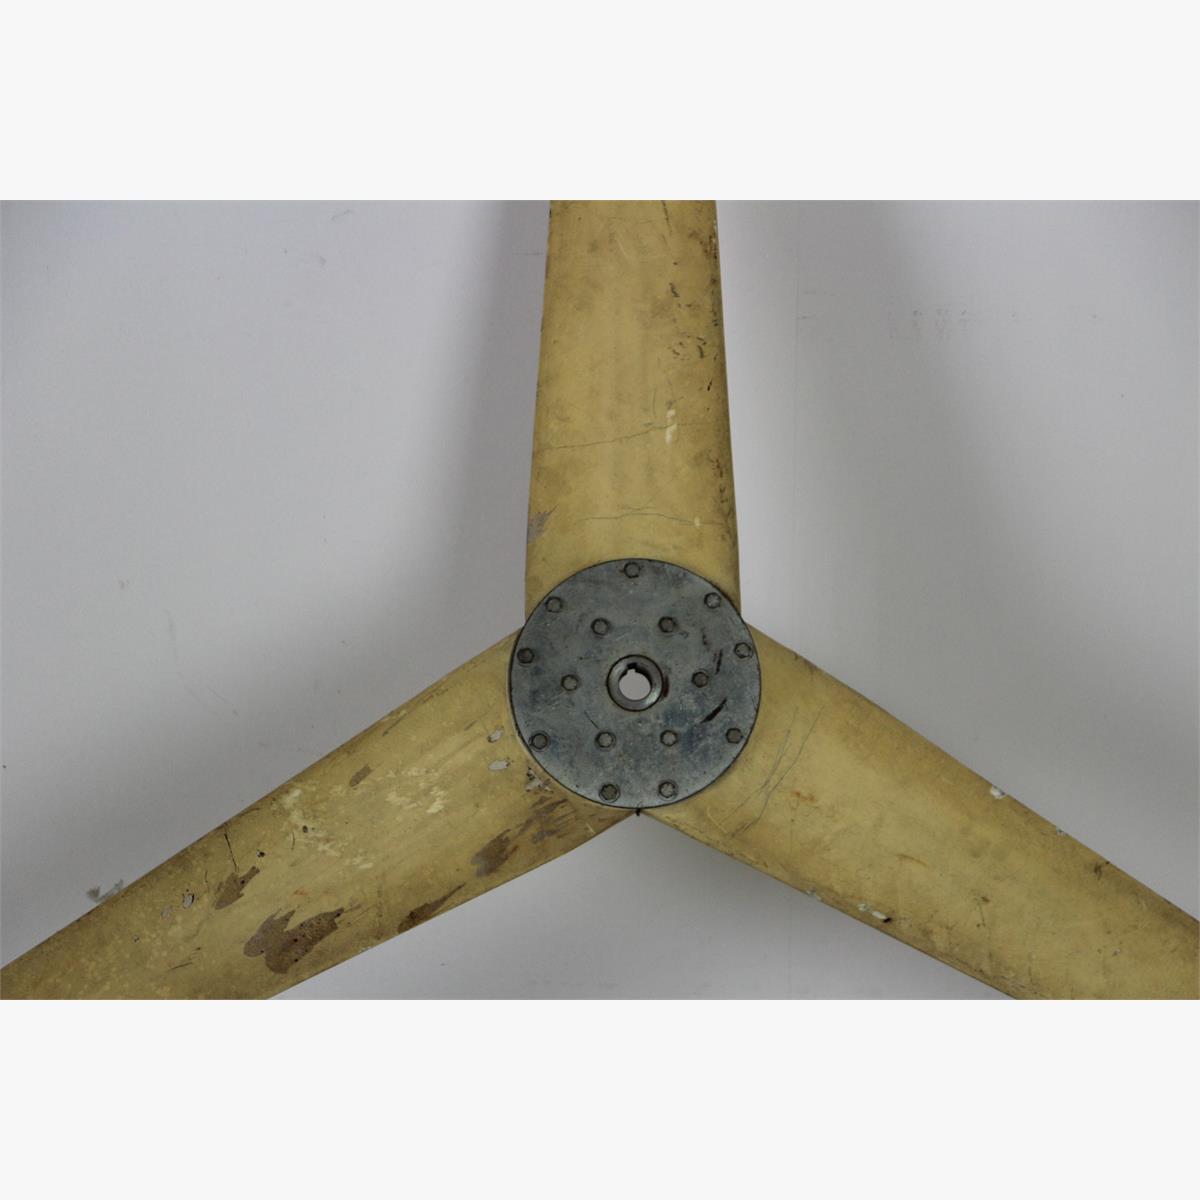 Afbeeldingen van grote proppeller diameter 186 meter